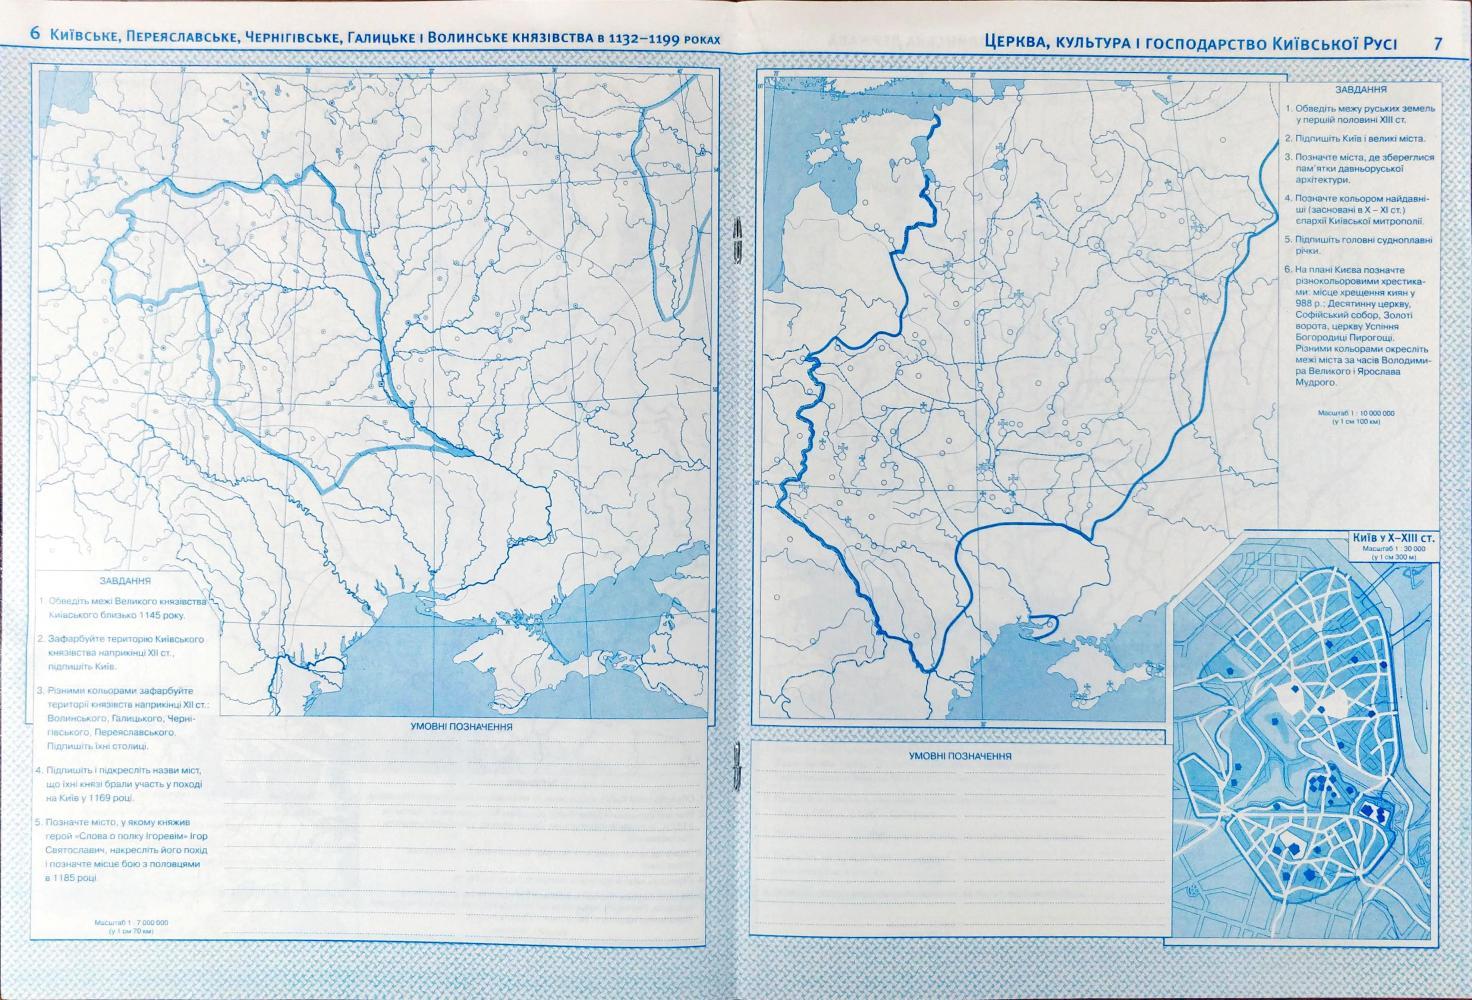 З гдз по історії україни 7 карті клас контурній